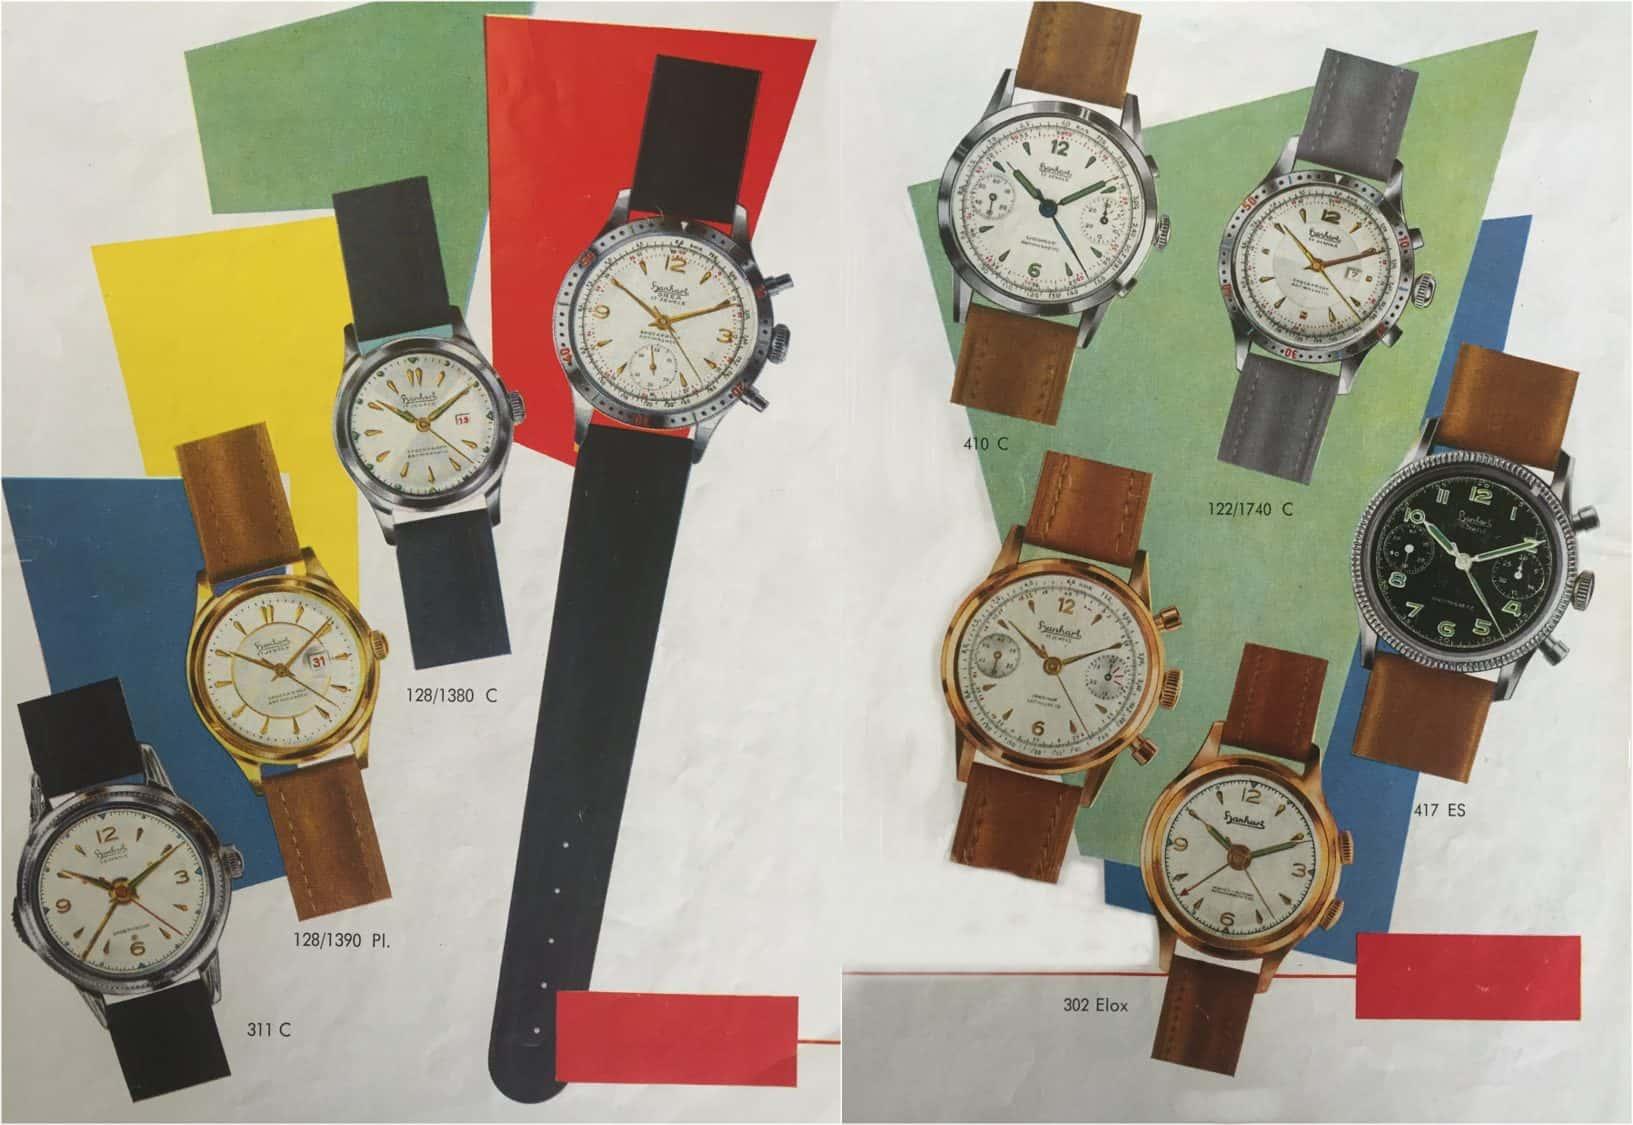 Hanhart-Katalog 1950er Jahre Wecker und Chronographen